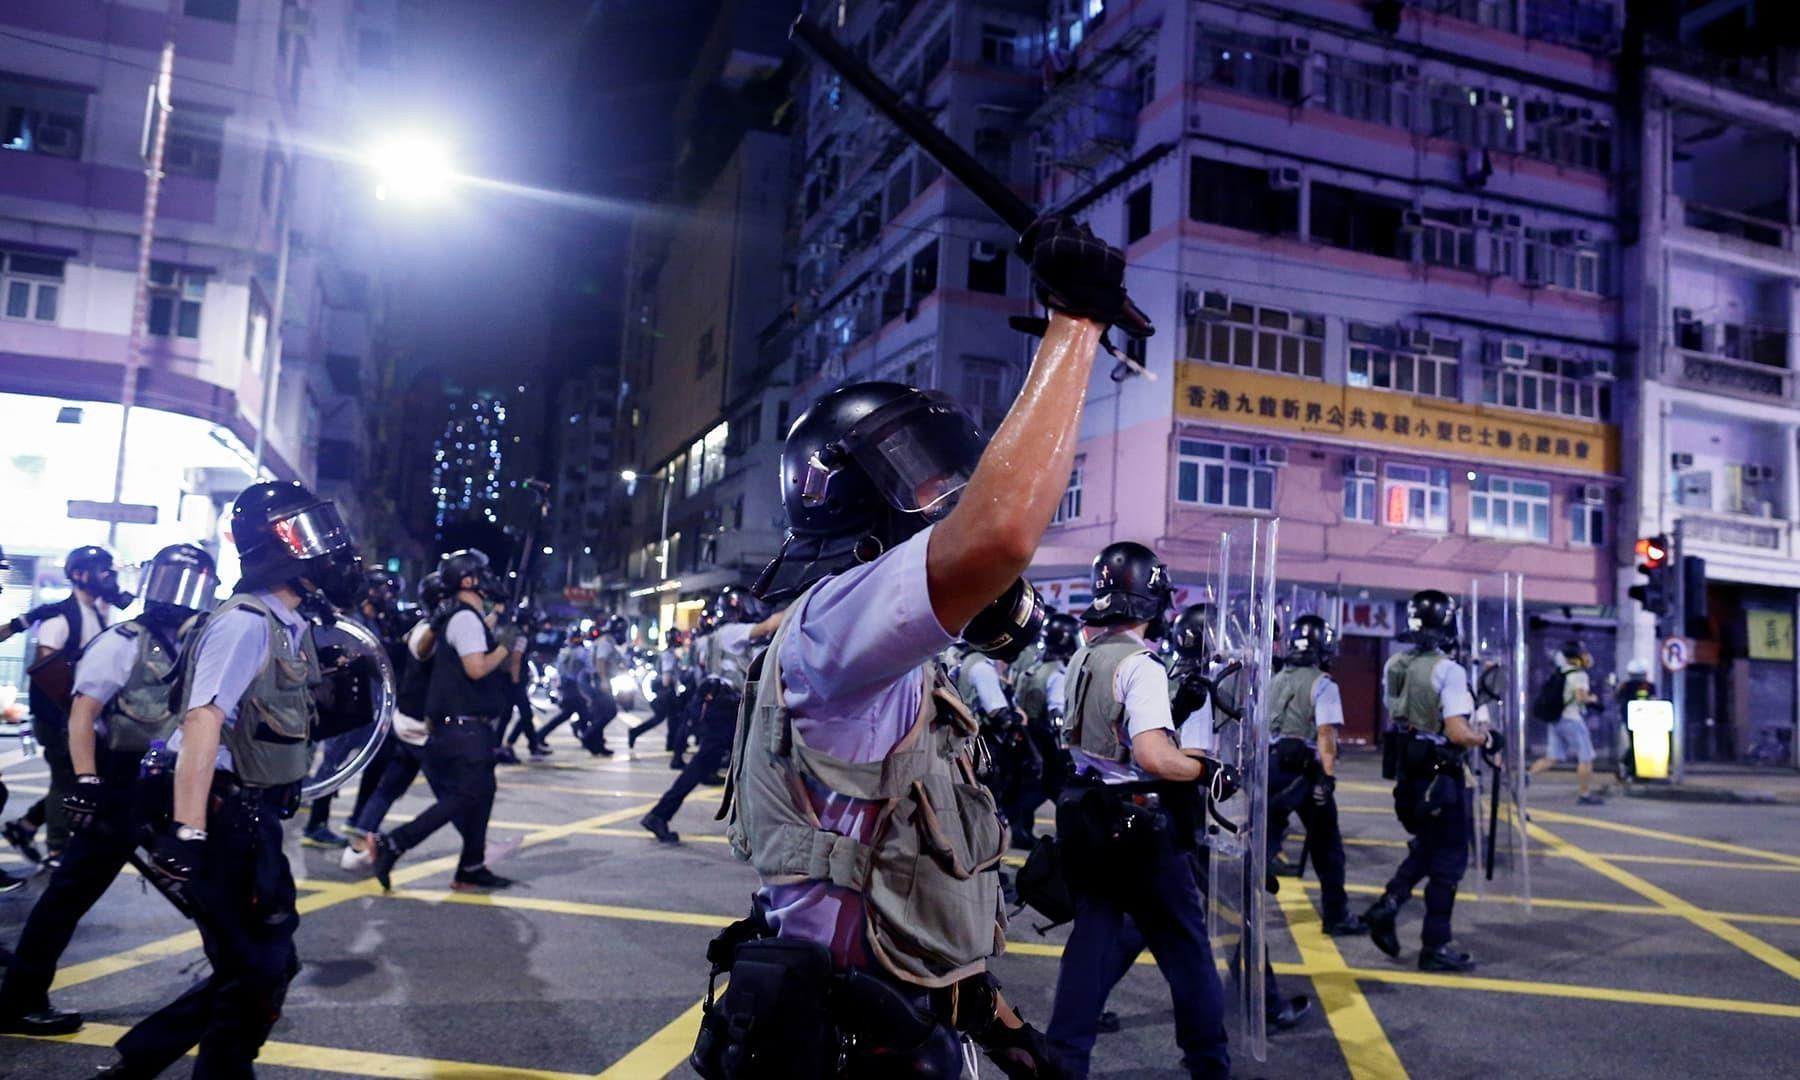 ہانگ کانگ میں مظاہرین کی تعداد میں اضافہ ہوگیا—فائل فوٹو: رائٹرز